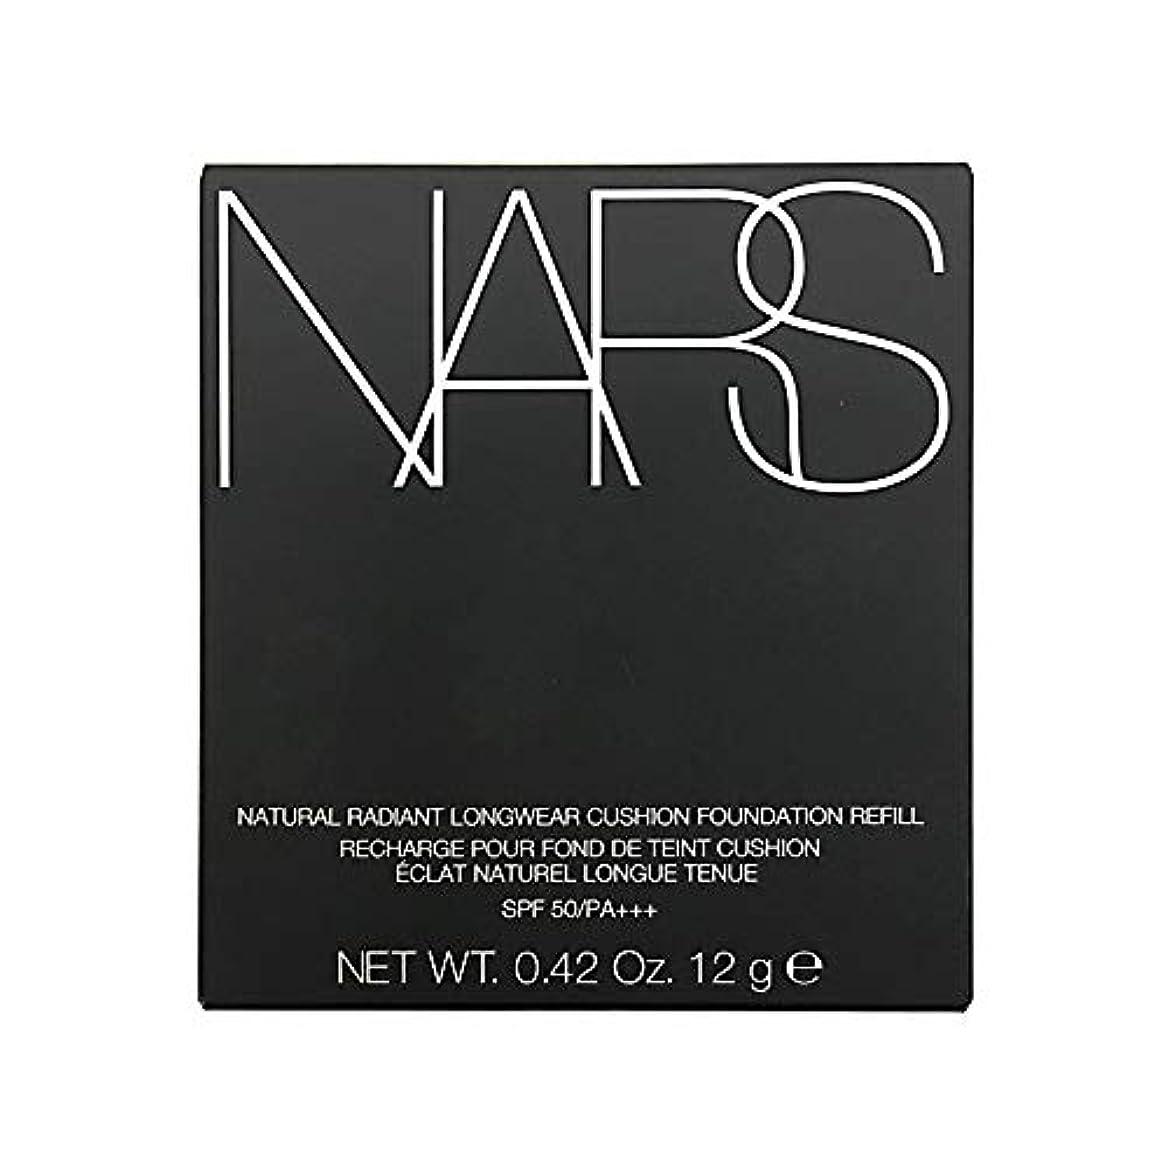 レビュー計り知れないスーツナーズ/NARS ナチュラルラディアント ロングウェア クッションファンデーション(レフィル)#5877 [ クッションファンデ ] [並行輸入品]